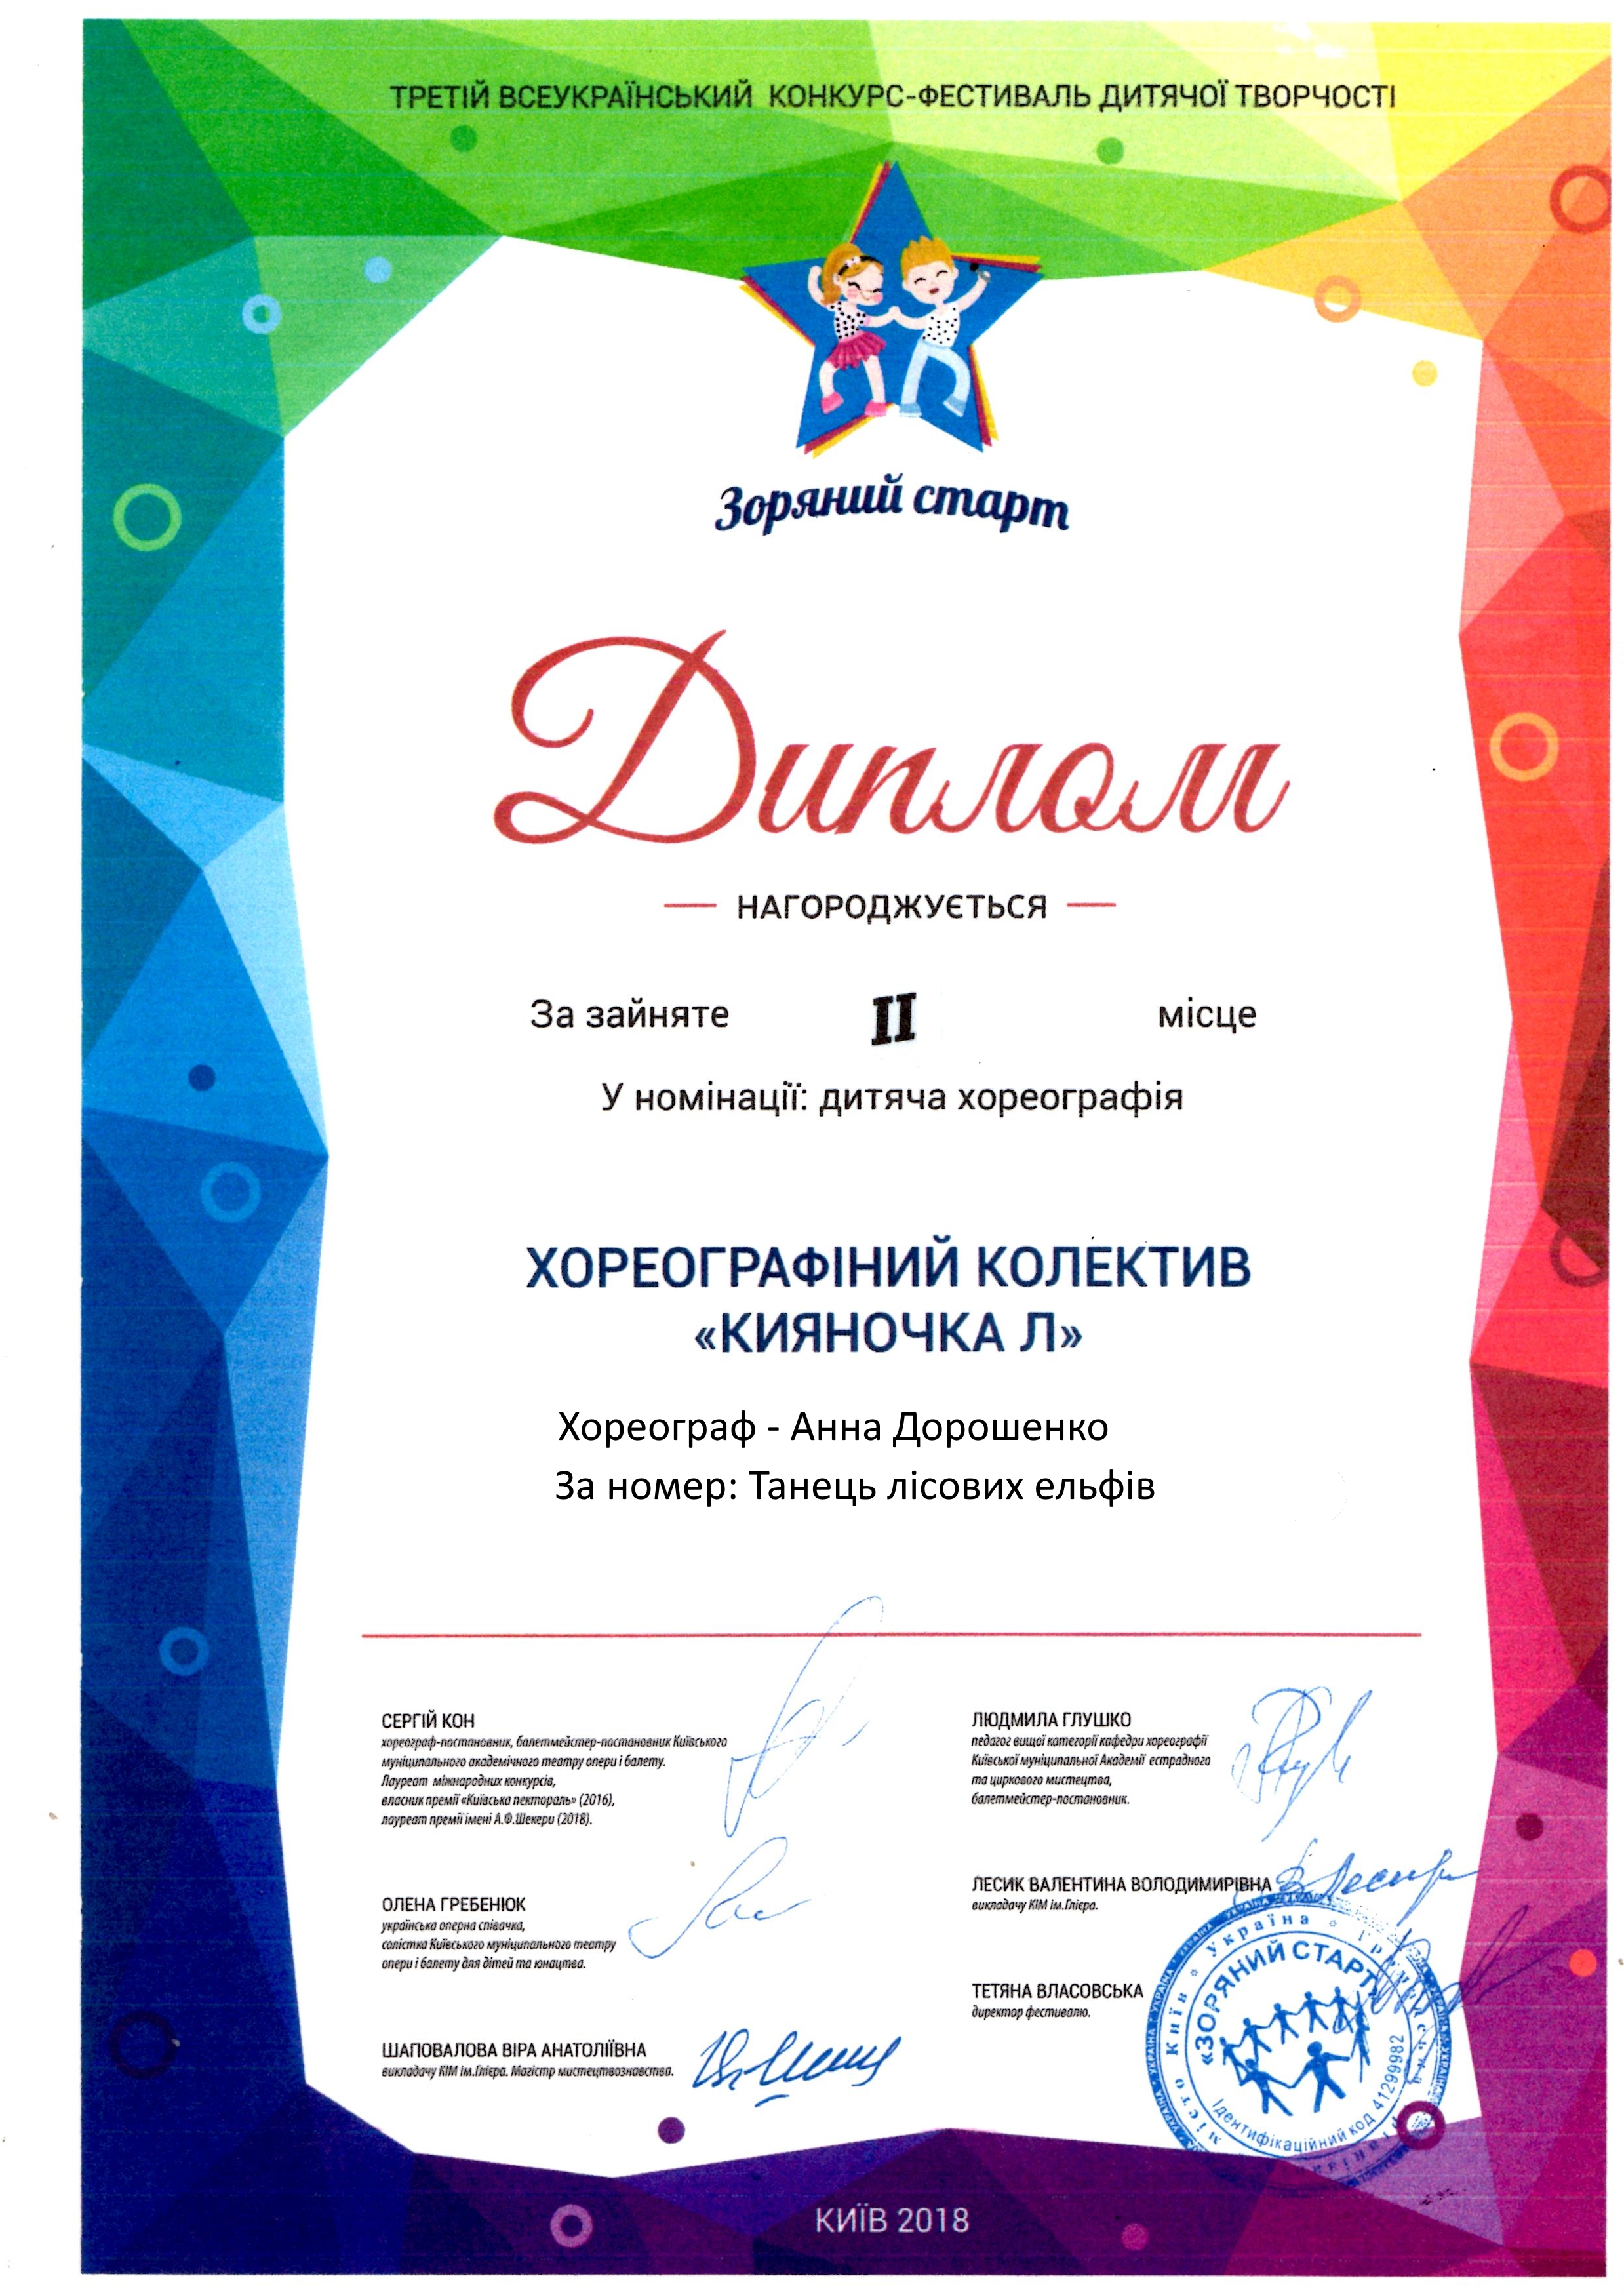 Третій всеукраїнський конкурс-фестиваль дитячої творчості, Лісові ельфи